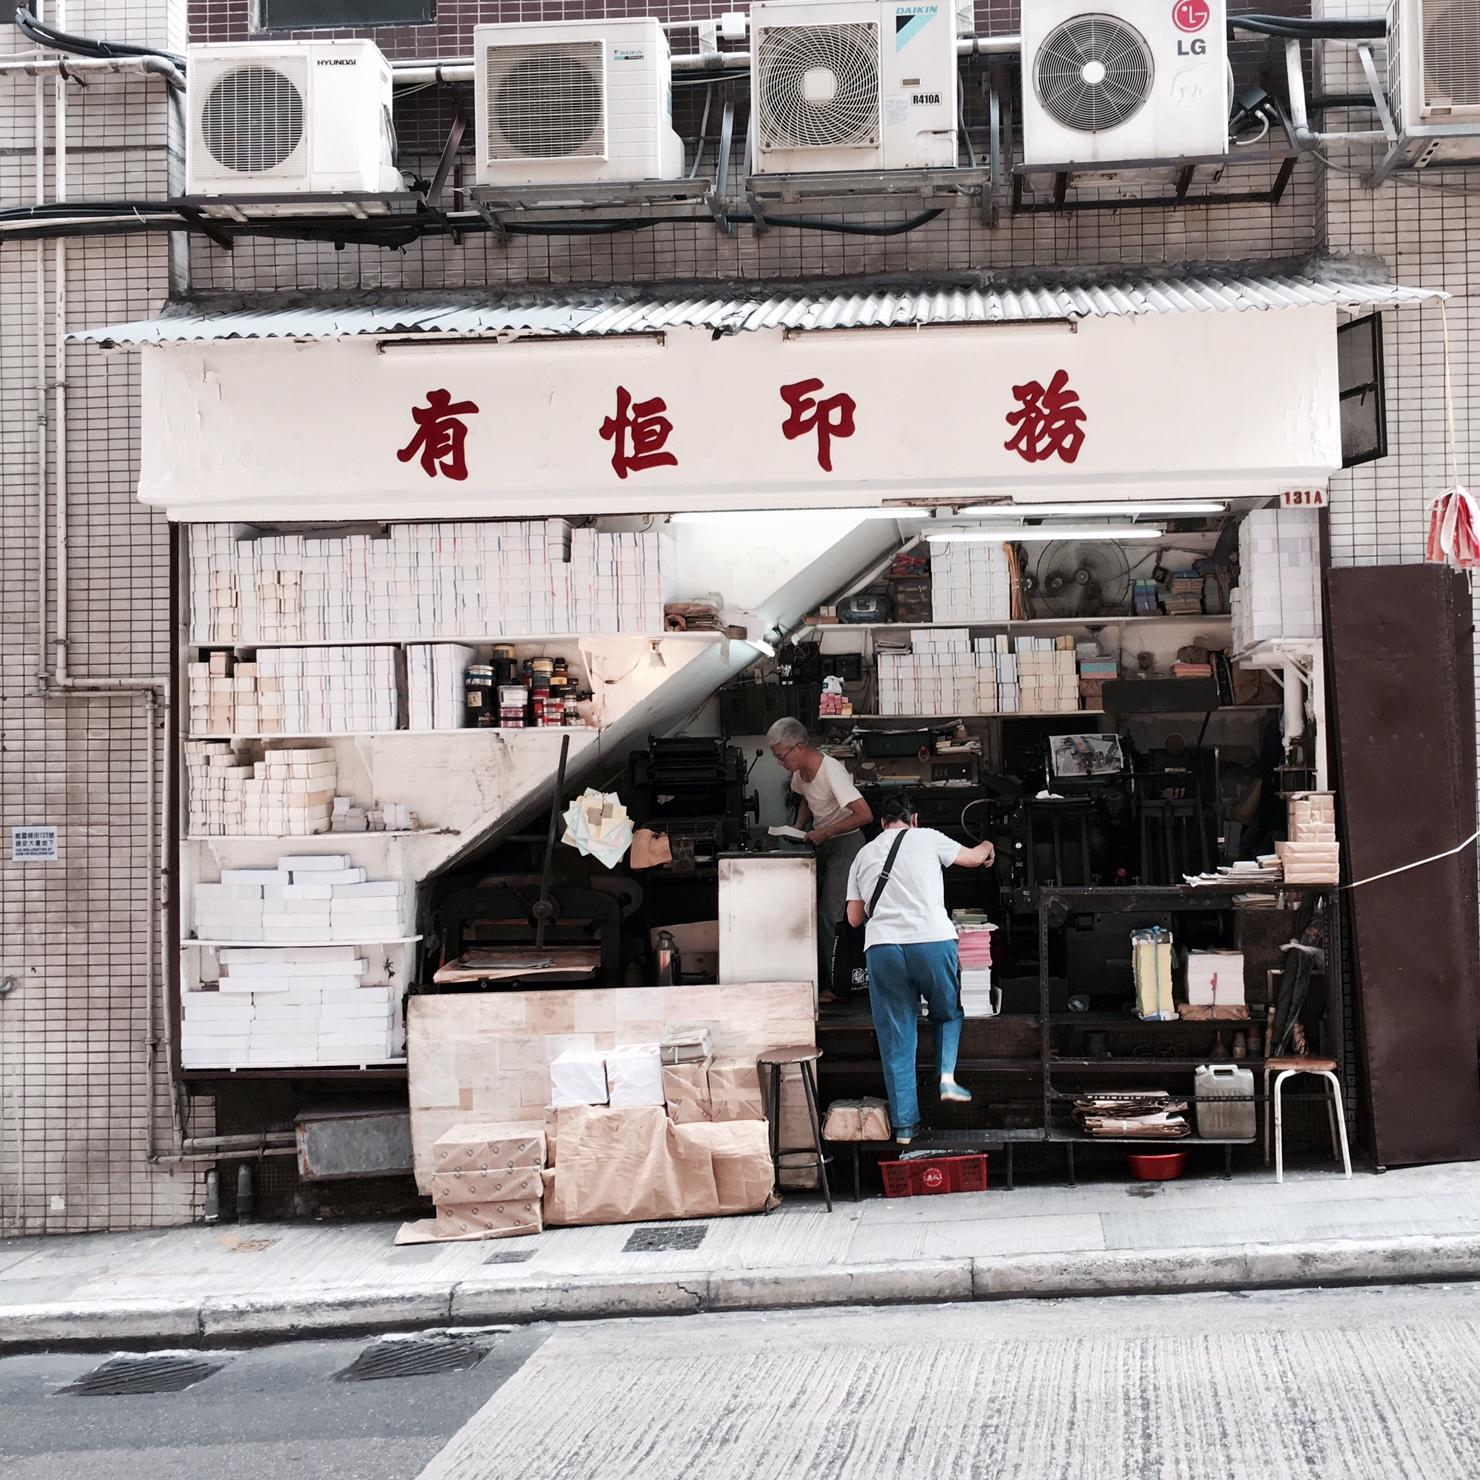 Druckerei an der Straße